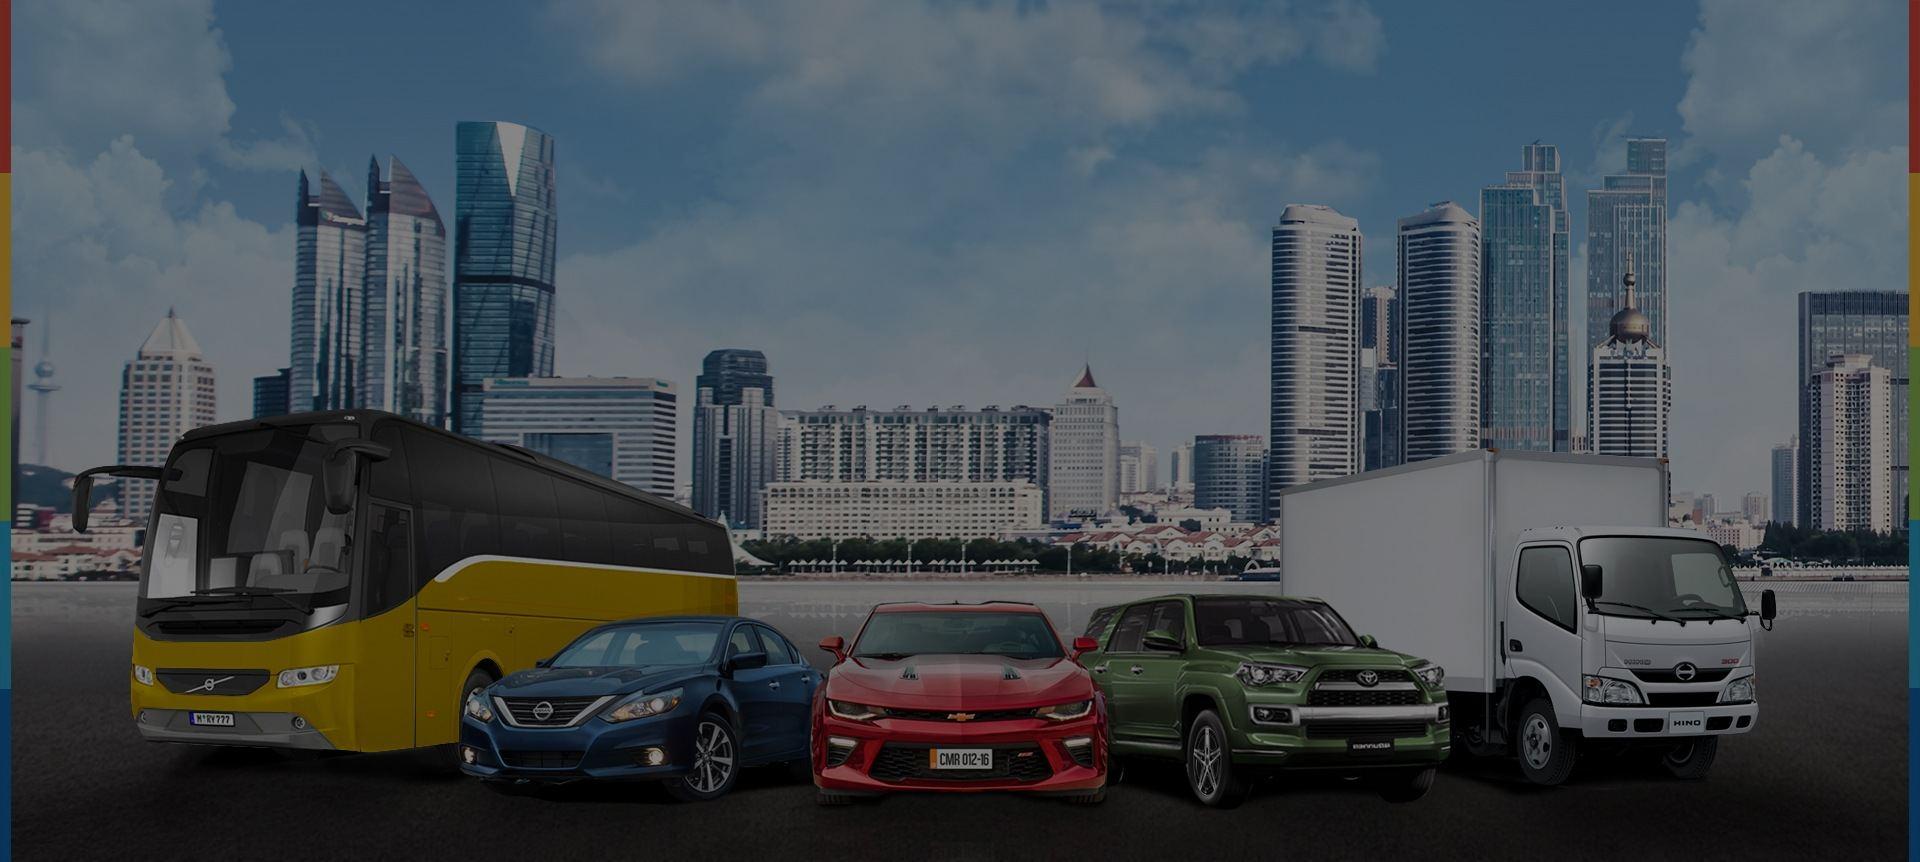 Encuentra Sedan, Compactos/Hatchback,Camionetas/SUV, Camiones, Apartamentos, Casas, Terrenos y mucho más en MicasaMicarro República Dominicana